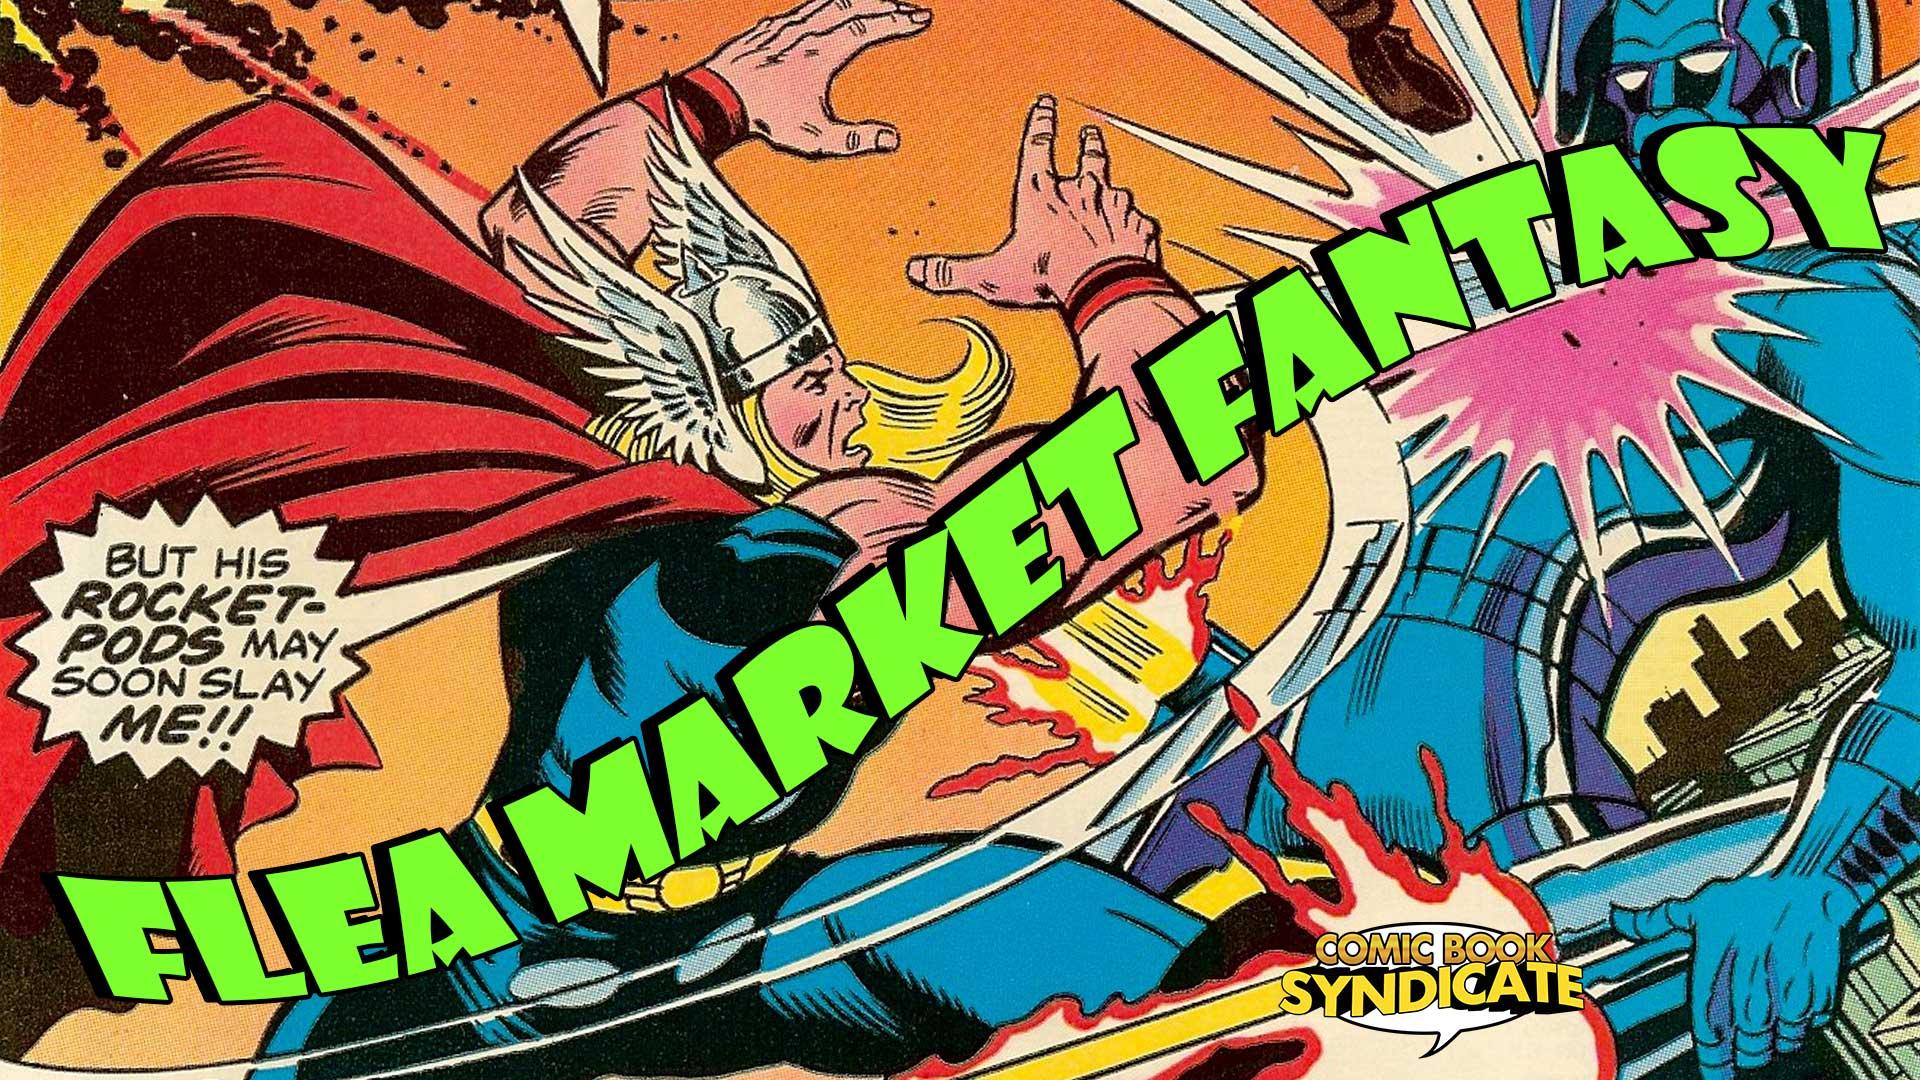 Thor # 269 - FLEA MARKET FANTASY